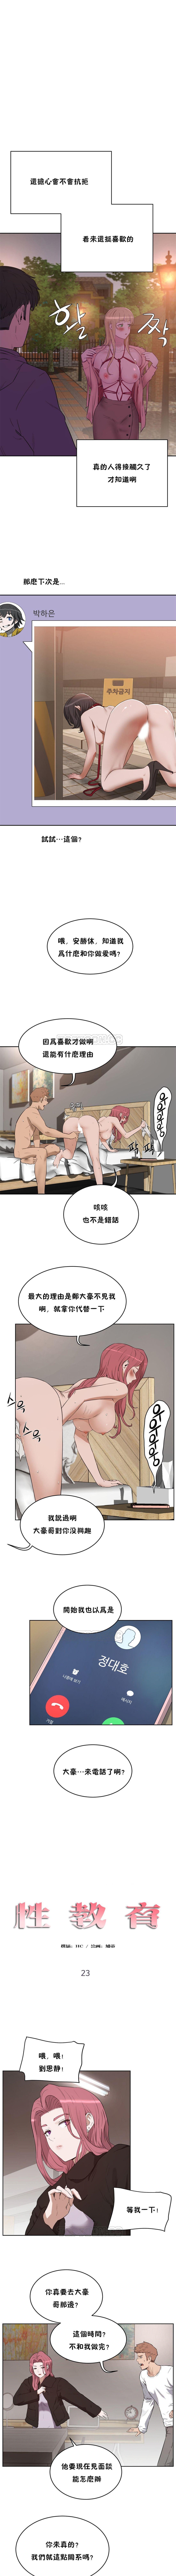 性教育 1-48.5 中文翻译(完結) 163